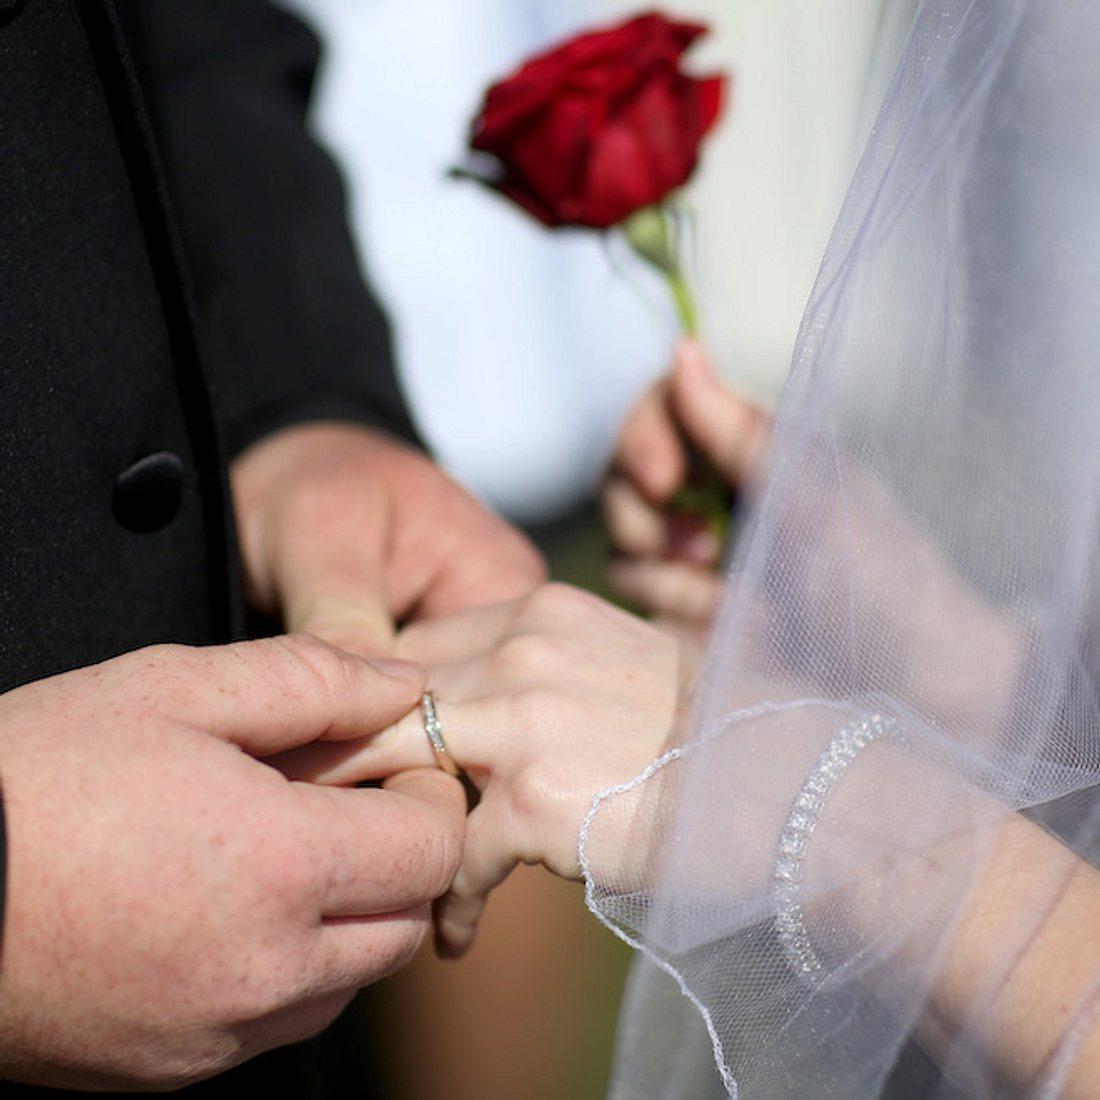 Schlimmster Heiratsantrag? Mann fragt Freundin in Achterbahn